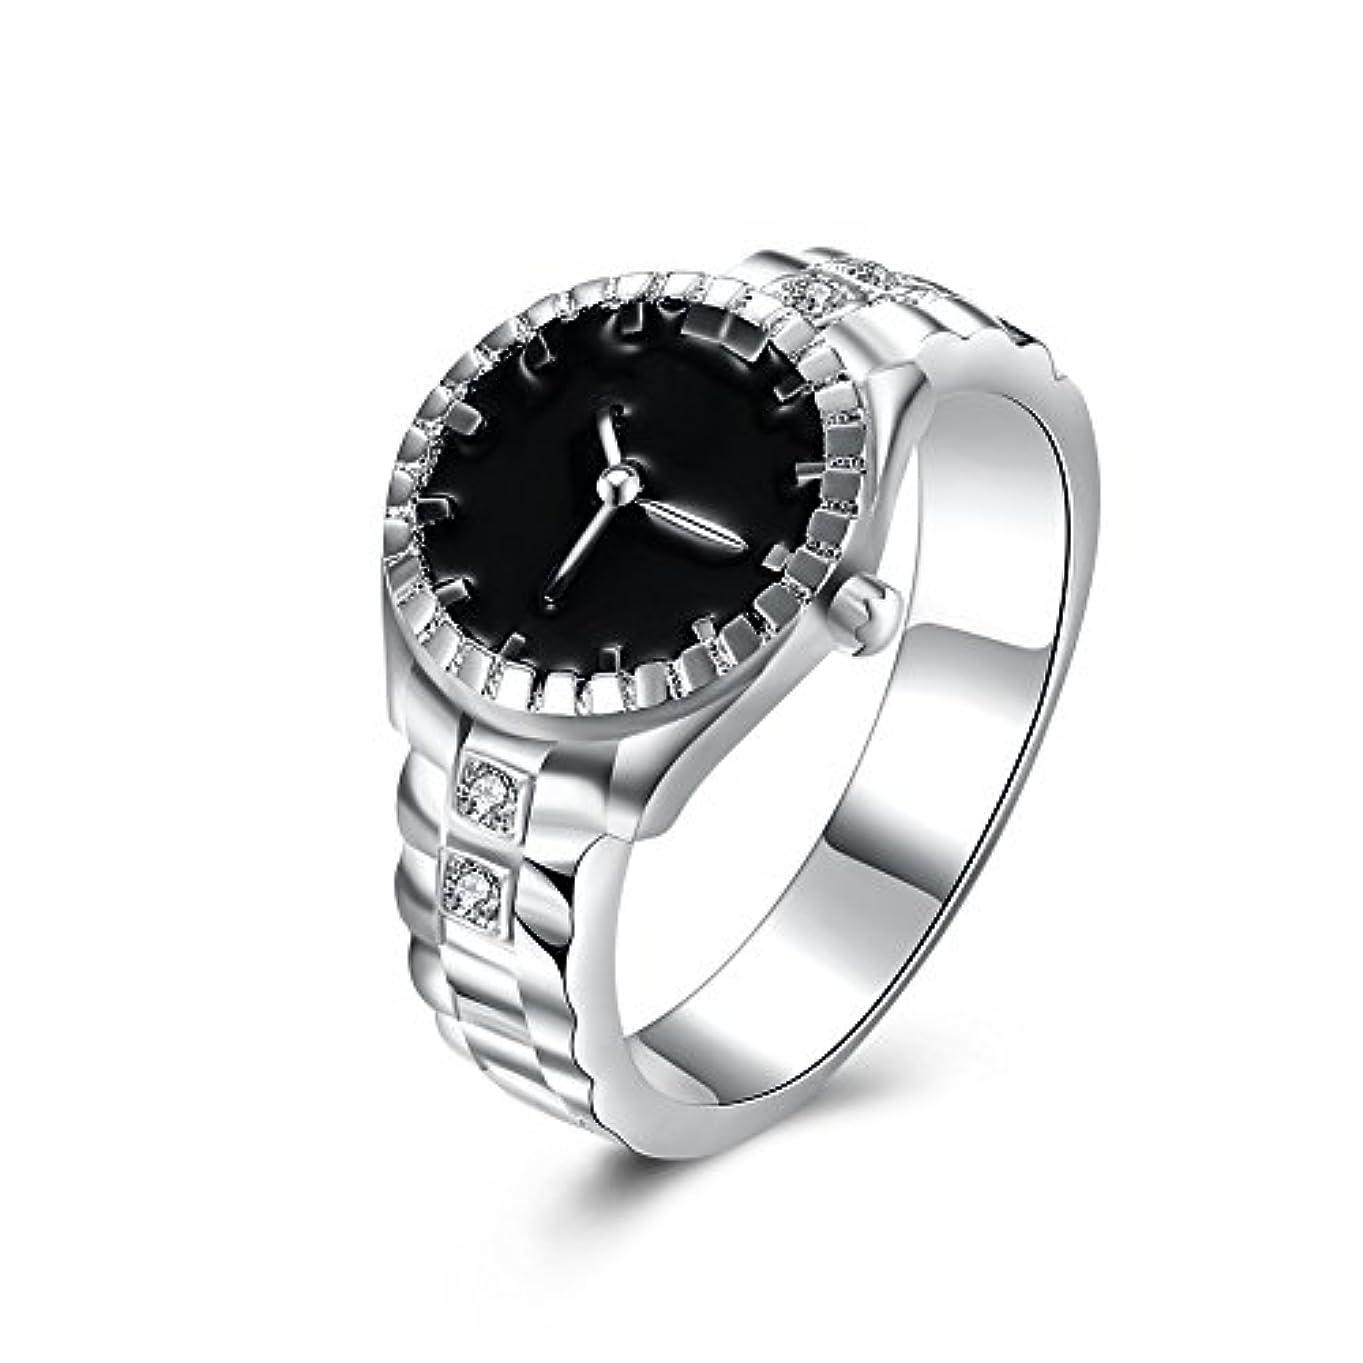 925スターリングシルバーメッキ時計型ダイヤモンドリングファッションジュエリー周年記念ギフト (マルチカラー)